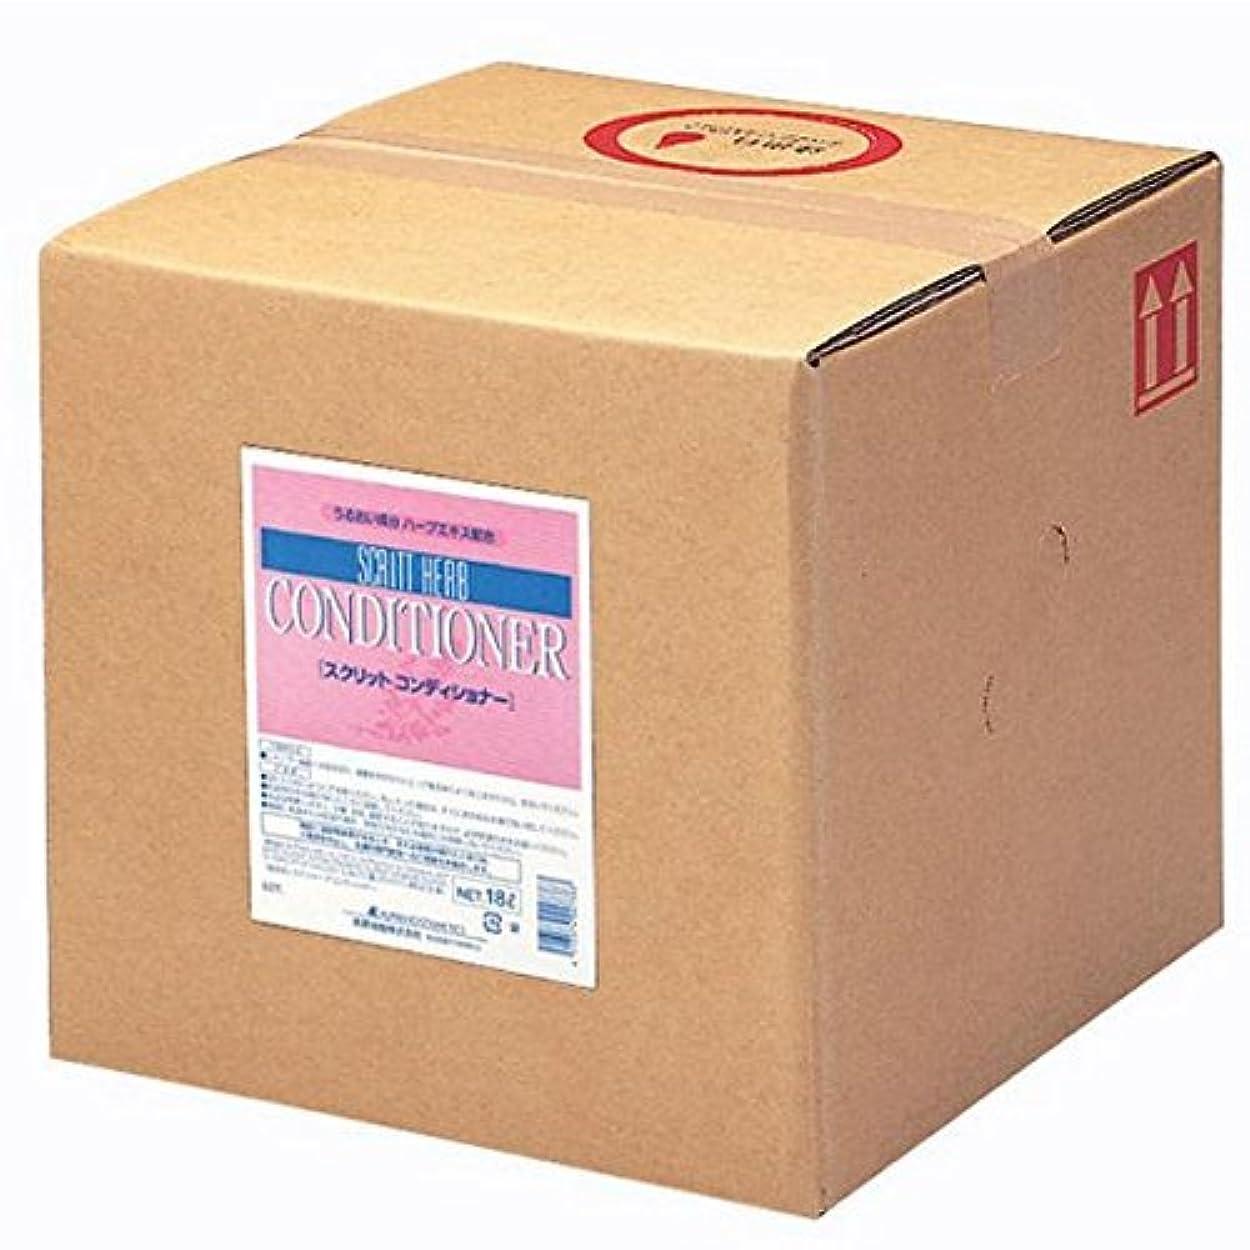 熊野油脂 スクリット コンディショナー 詰替用 18L 4231